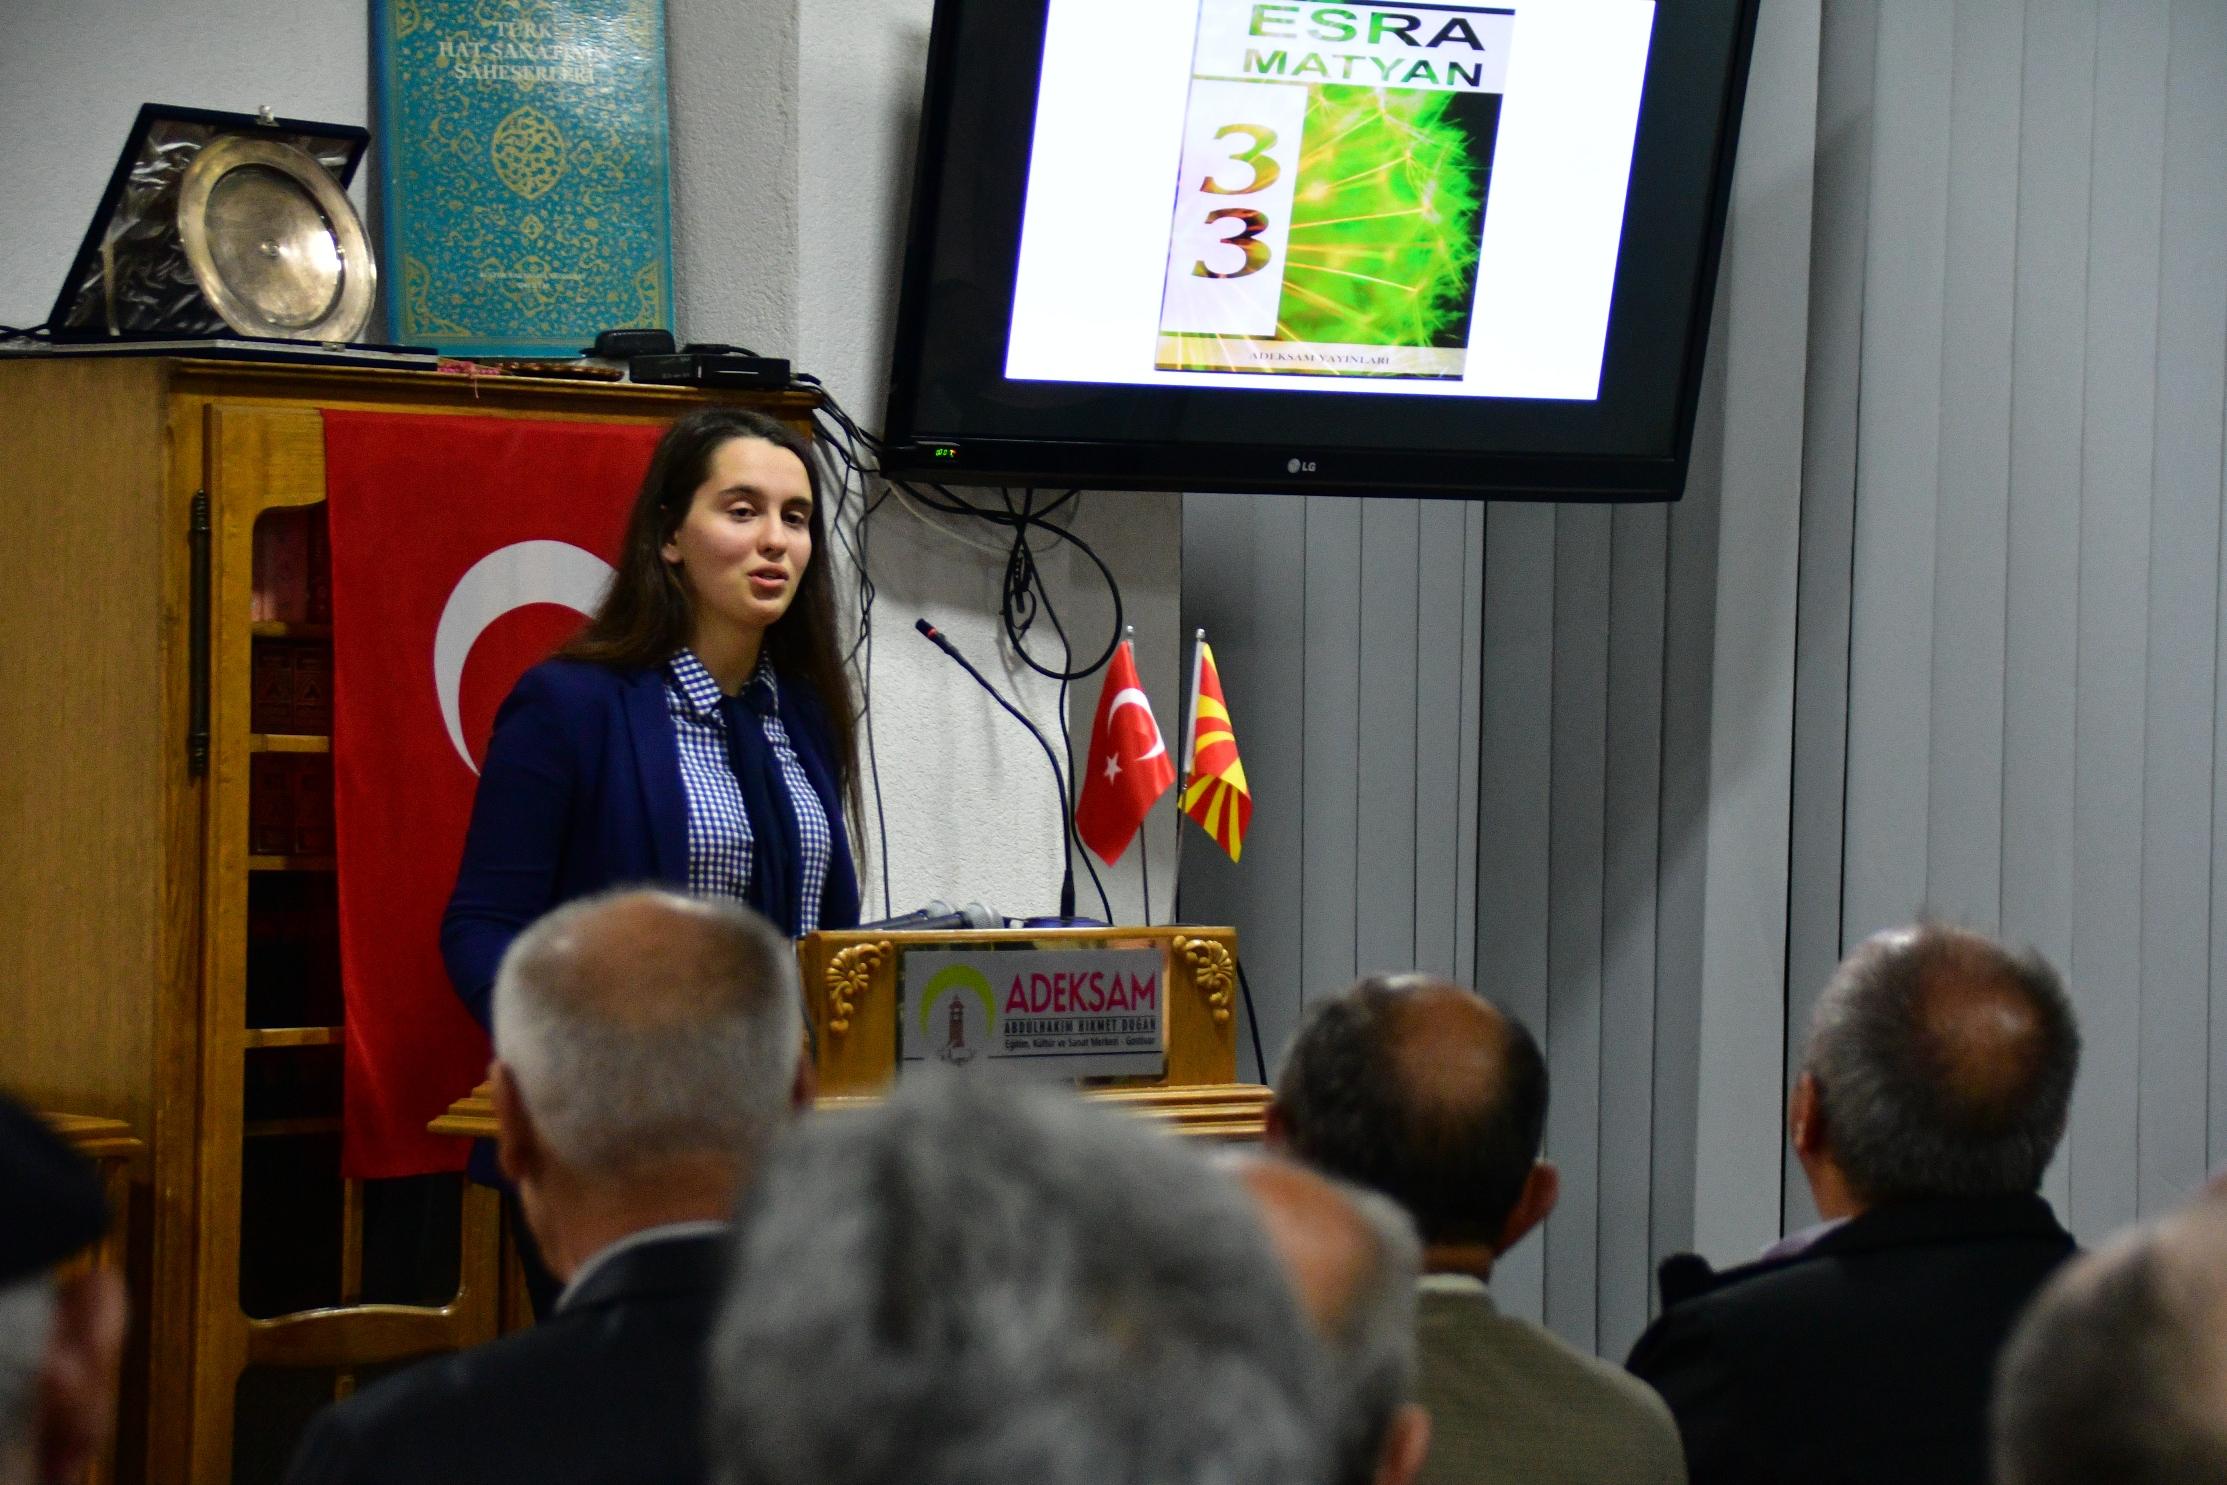 """ADEKSAM'da Esra Matyan'ın """"33"""" Adlı Şiir Kitabı Tanıtıldı"""